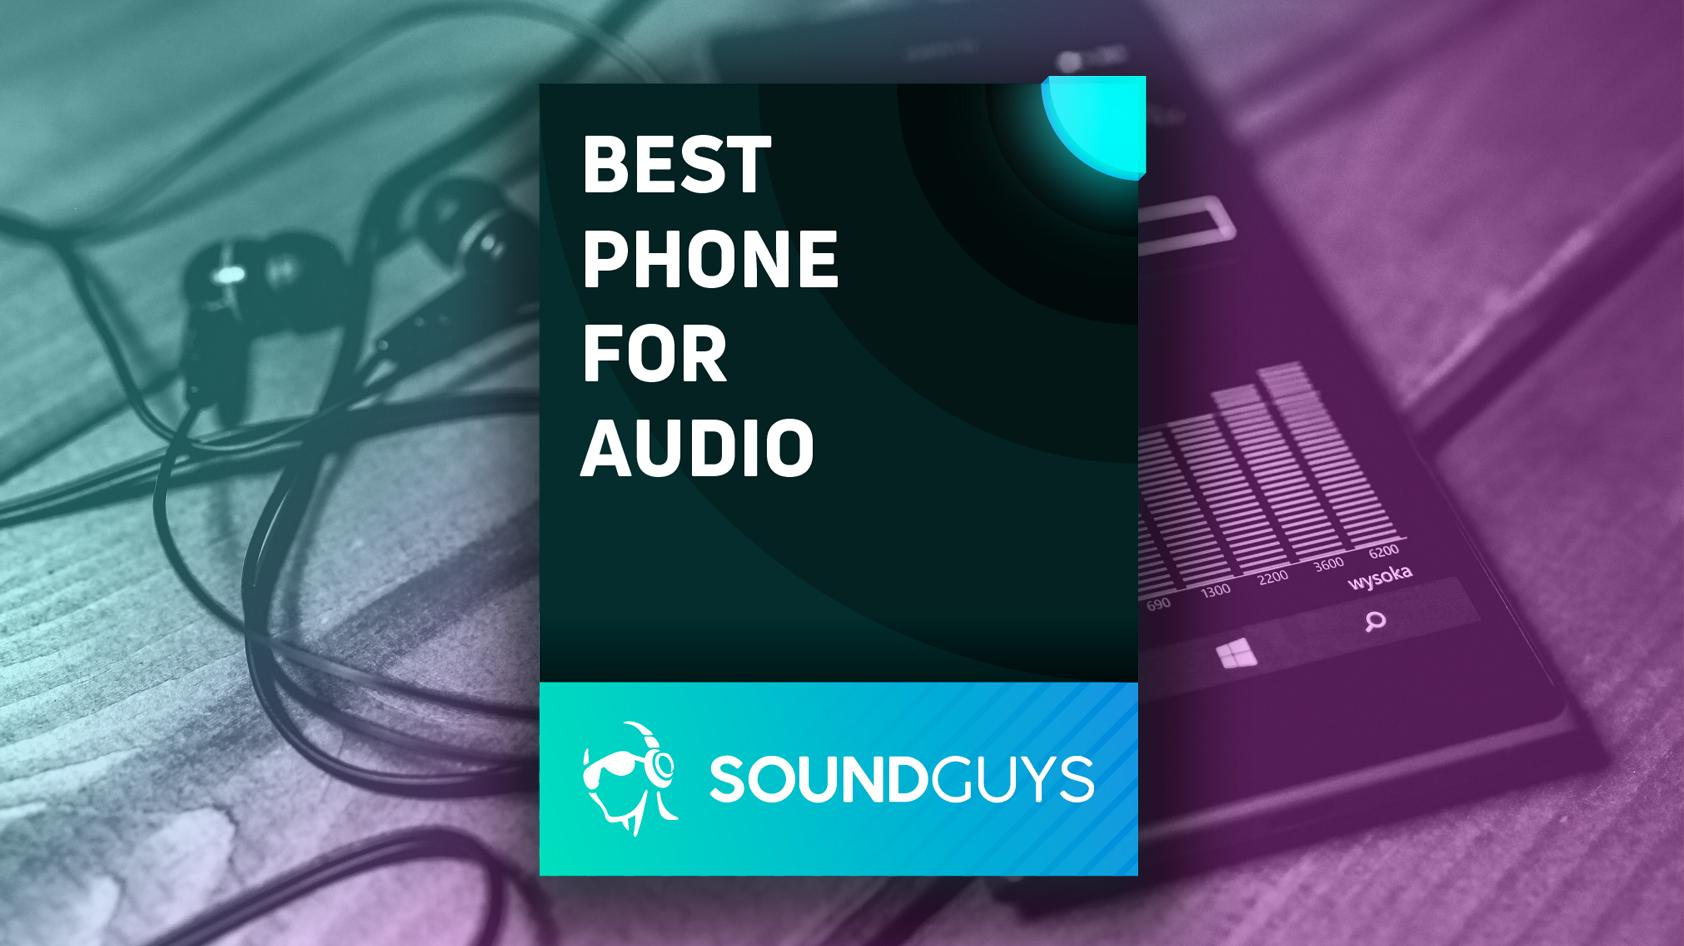 www.soundguys.com